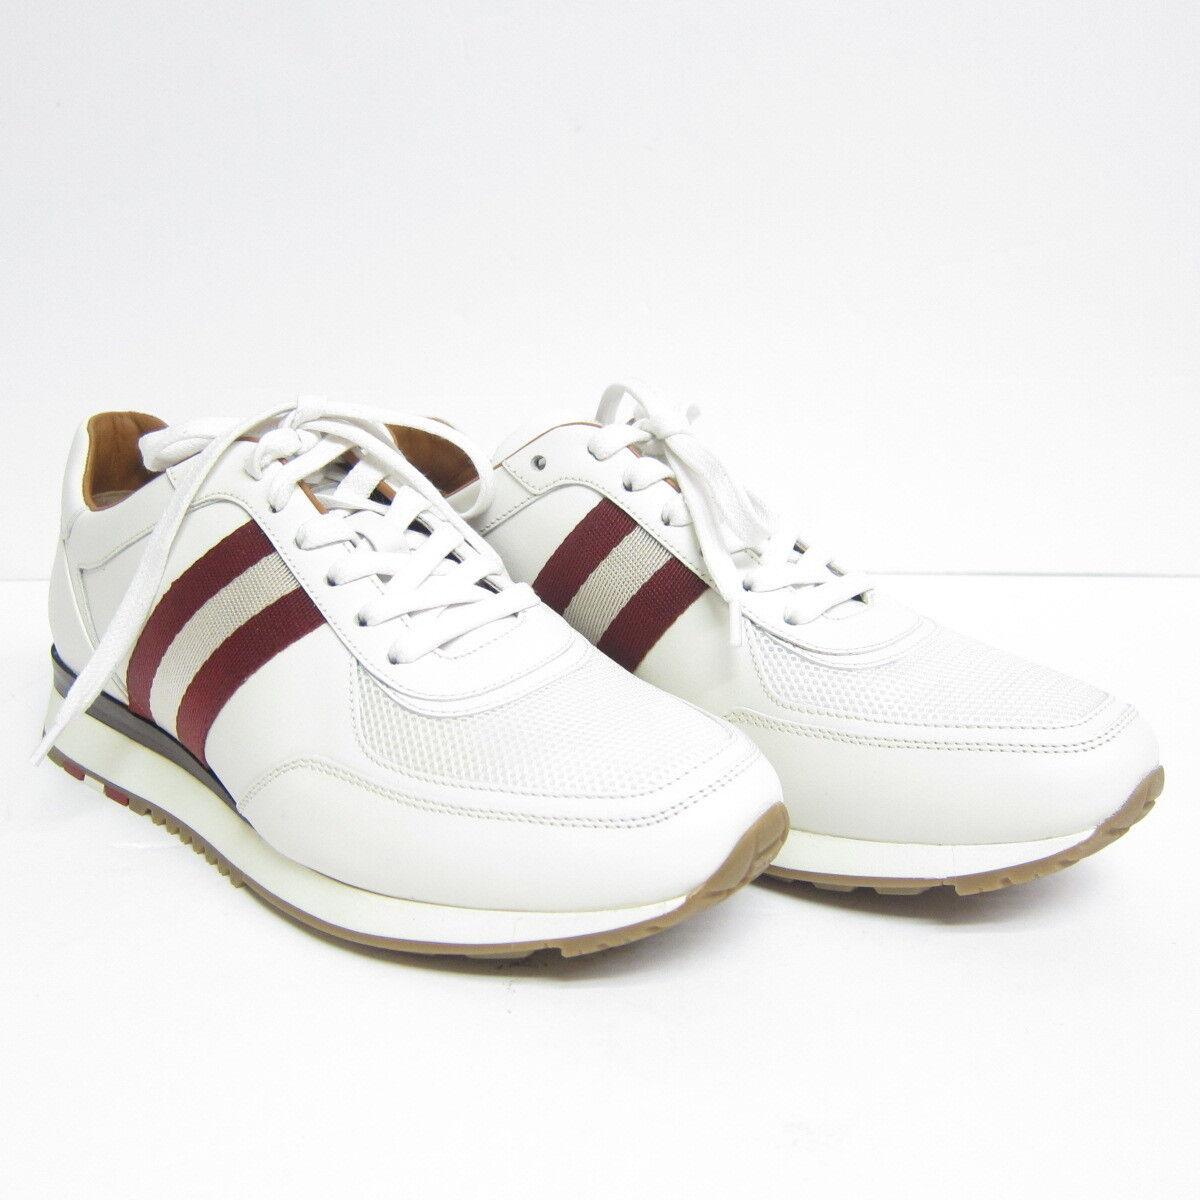 P-636143 Nuovo Bally Aston Bianco Polpaccio Tinta Unita scarpe da ginnastica Us 9 Eu 8 Fr 42